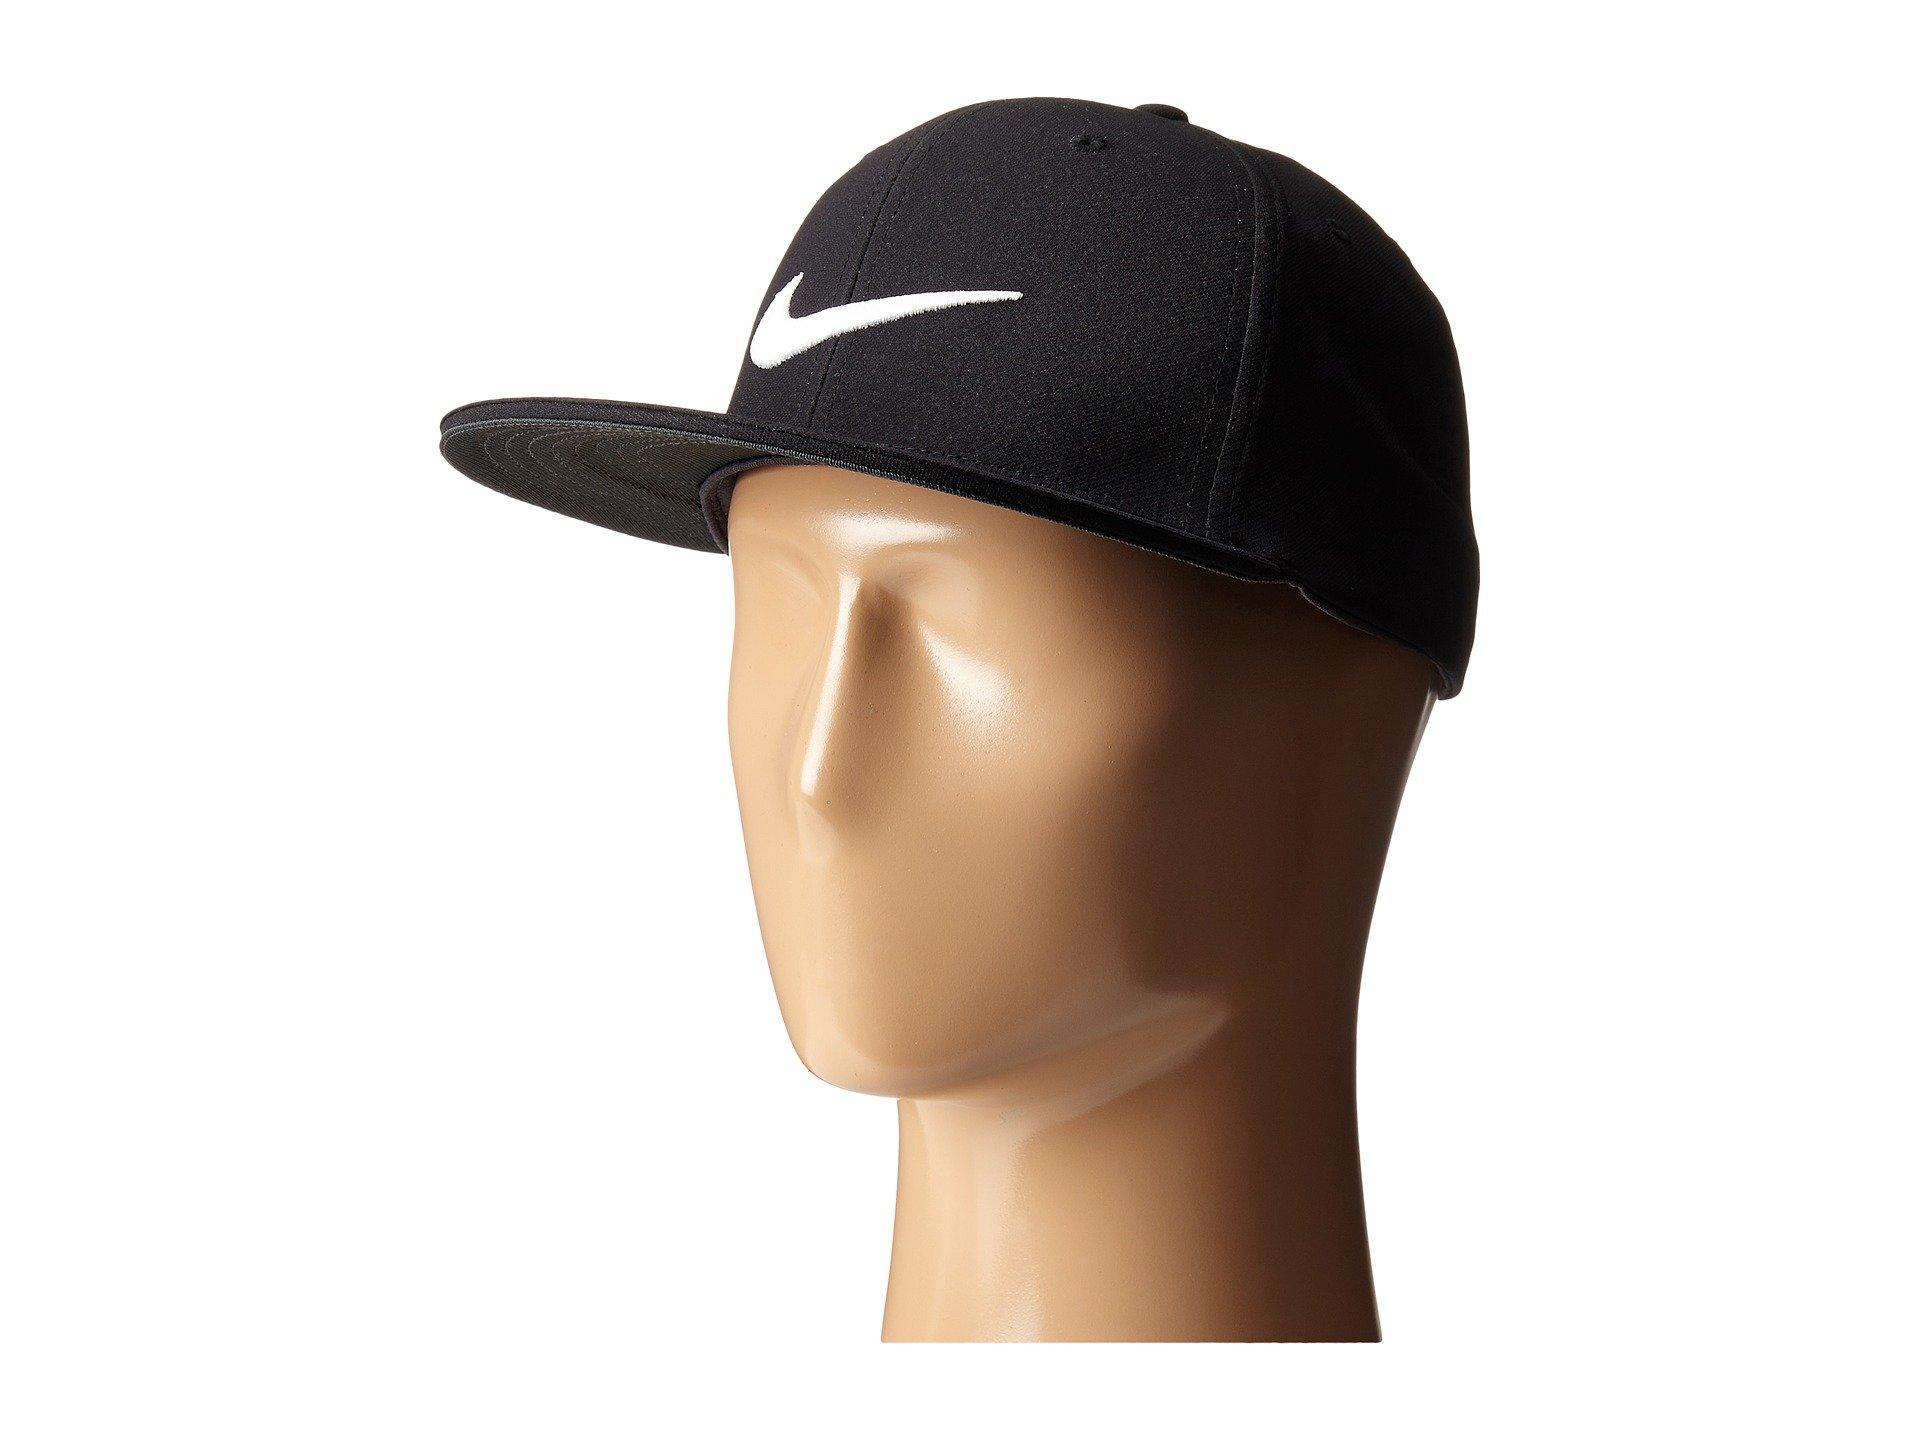 Nike True Tour Cap In Black/White/White